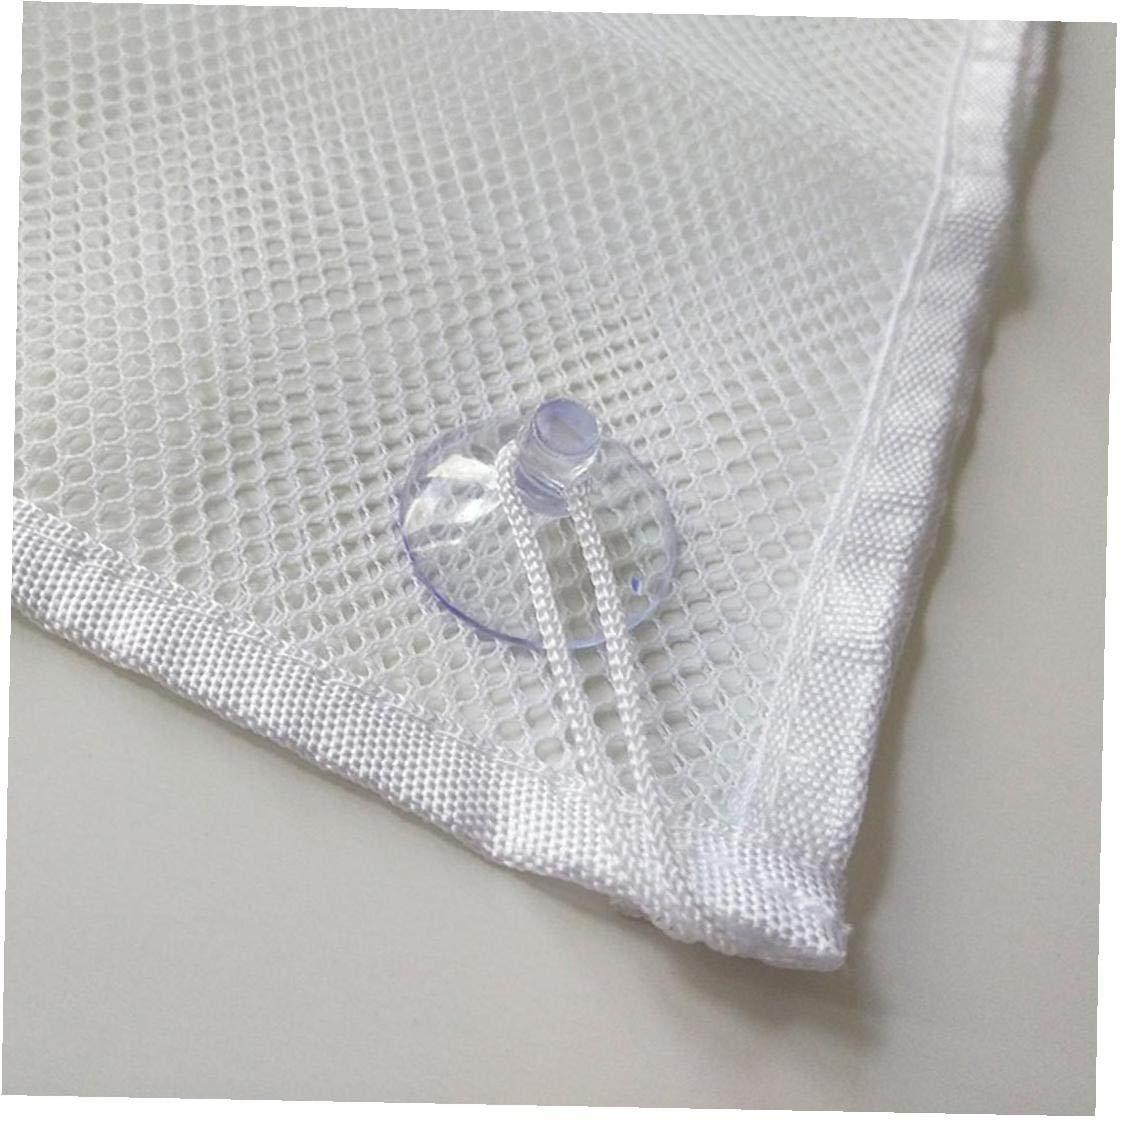 Folding Baby-Bad-Net-Staubsaug Lagerung Hang Mesh-Netz Beutel Tub Spielzeug f/ür Kinder Speicherzubeh/ör